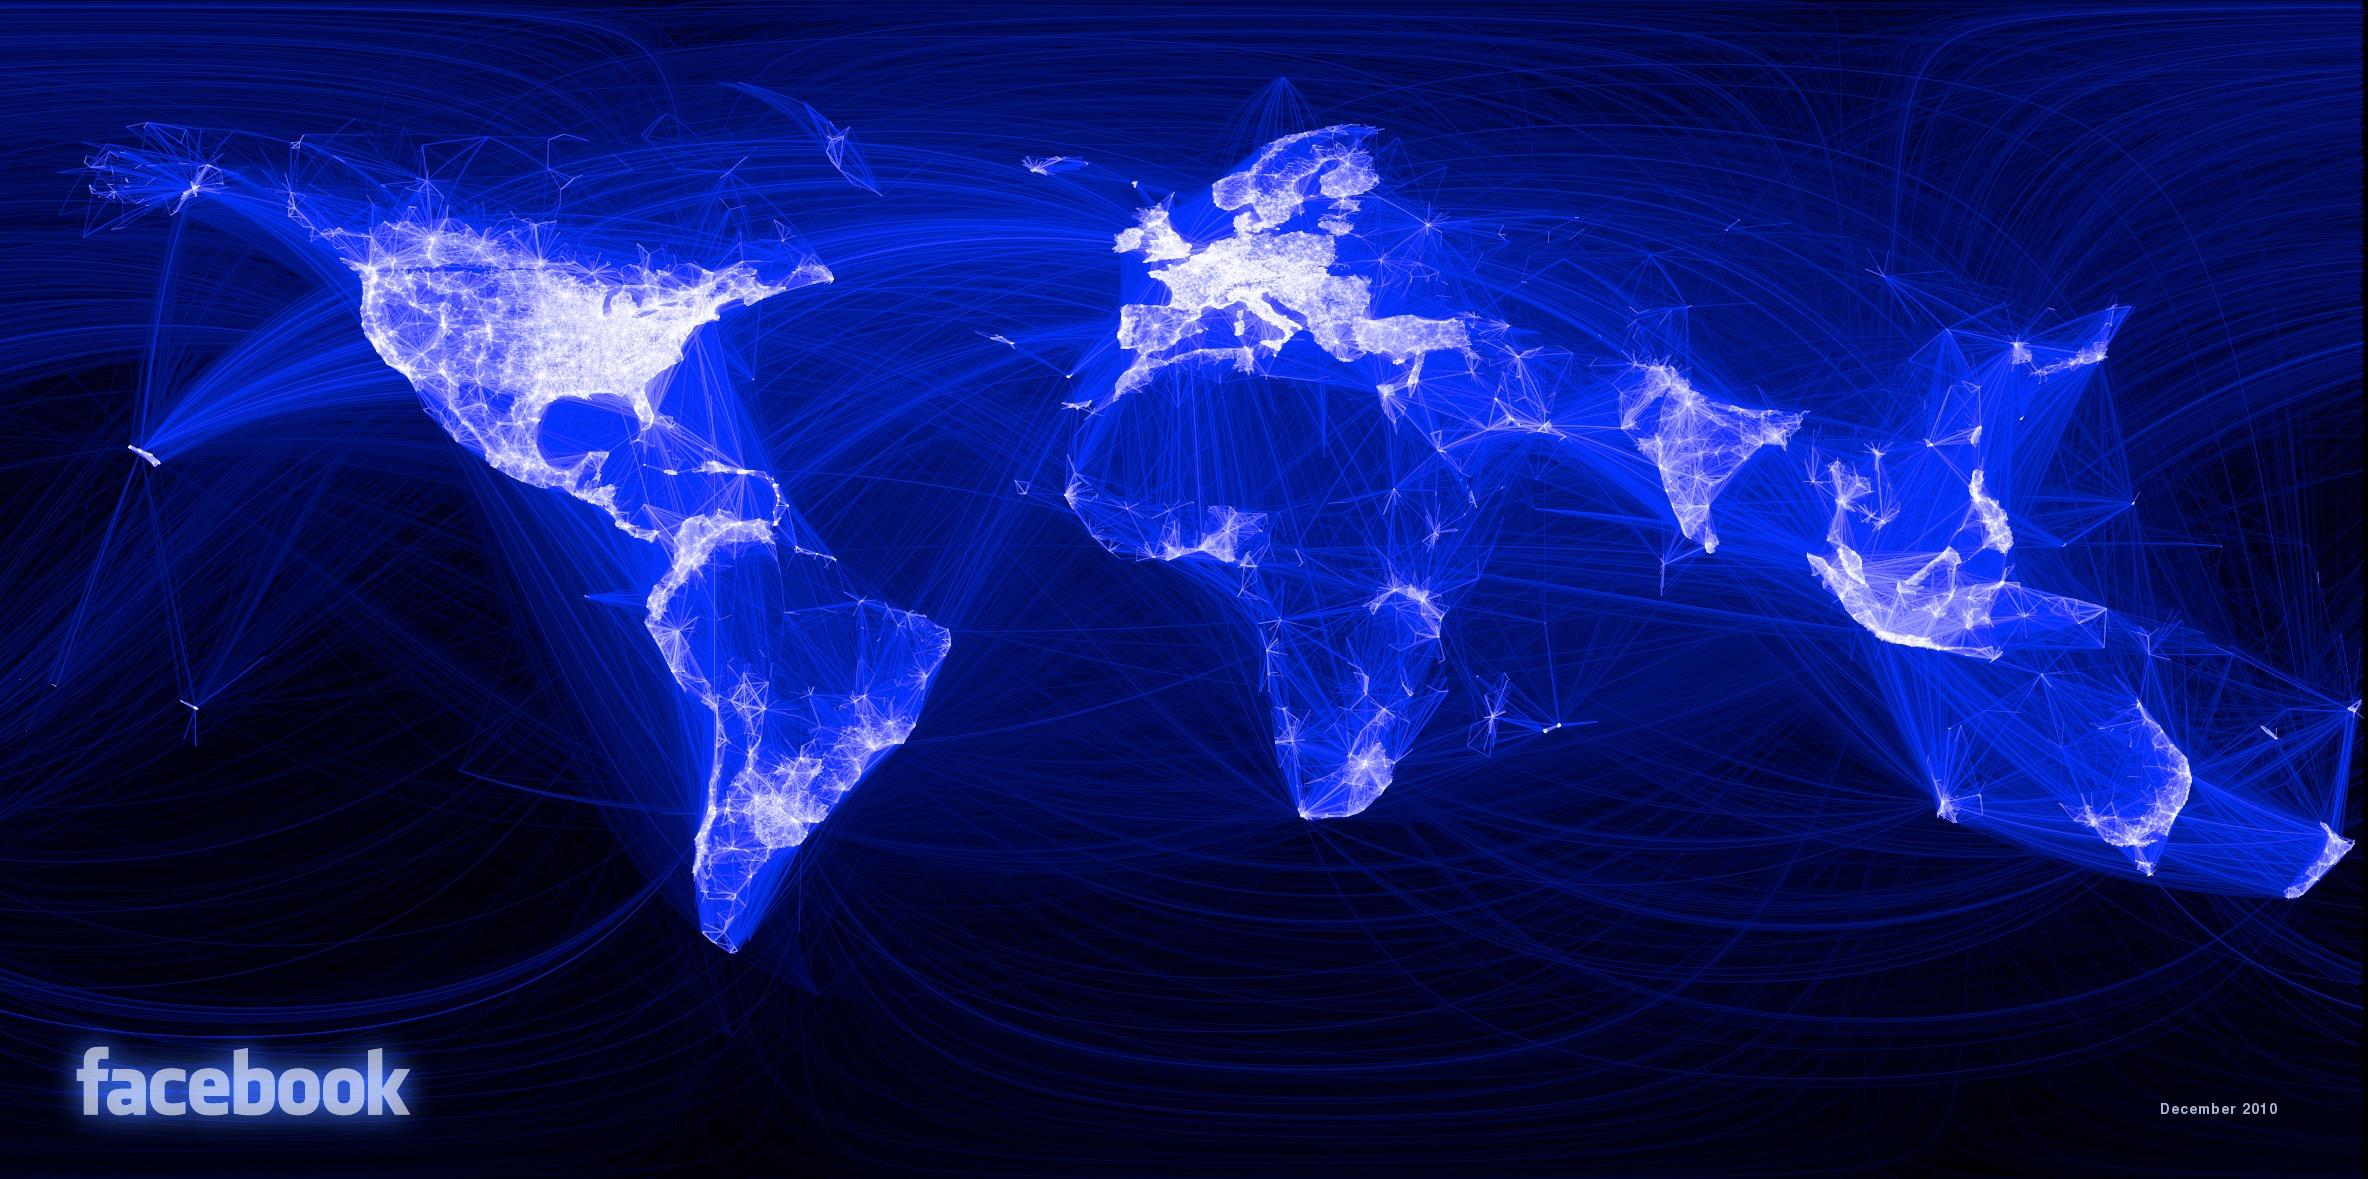 Ved å bruke programmeringsspråket R så har en facebook ansatt laget dette fascinerende kartet.